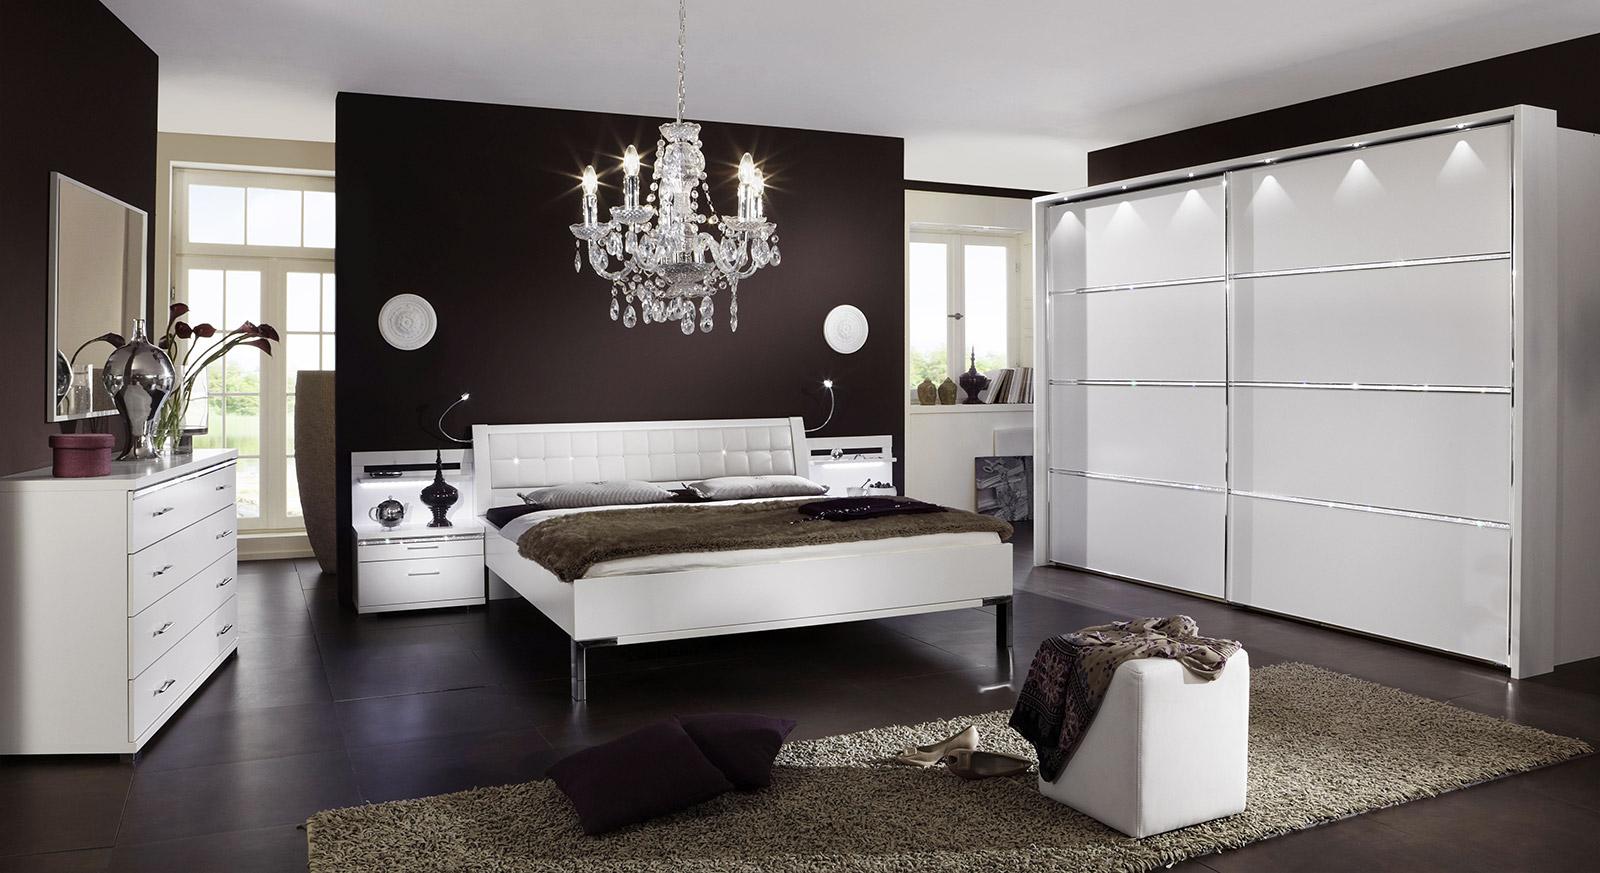 Full Size of Schlafzimmer Komplett Guenstig Komplette Design Gnstig Kaufen Bettende Sessel Mit überbau Rauch Set Teppich Günstig Matratze Und Lattenrost Günstige Schlafzimmer Schlafzimmer Komplett Guenstig